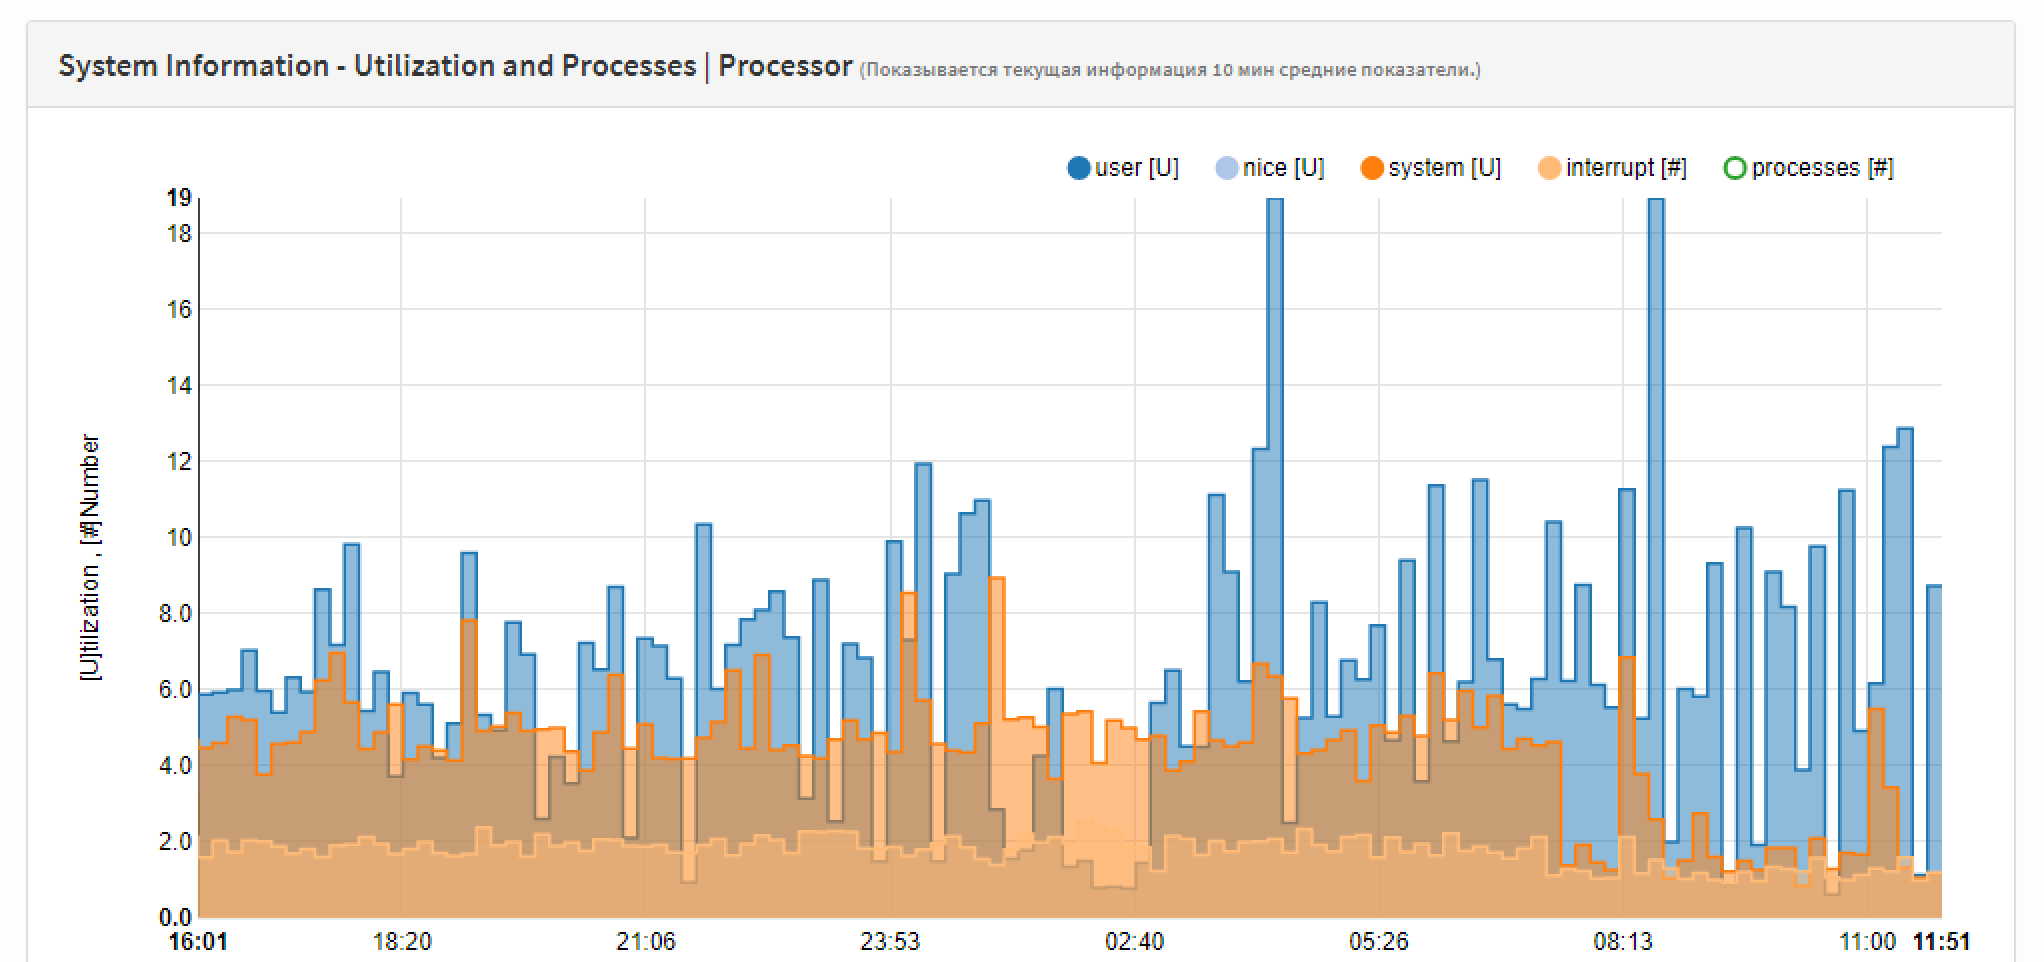 Отчет по использованию процессора